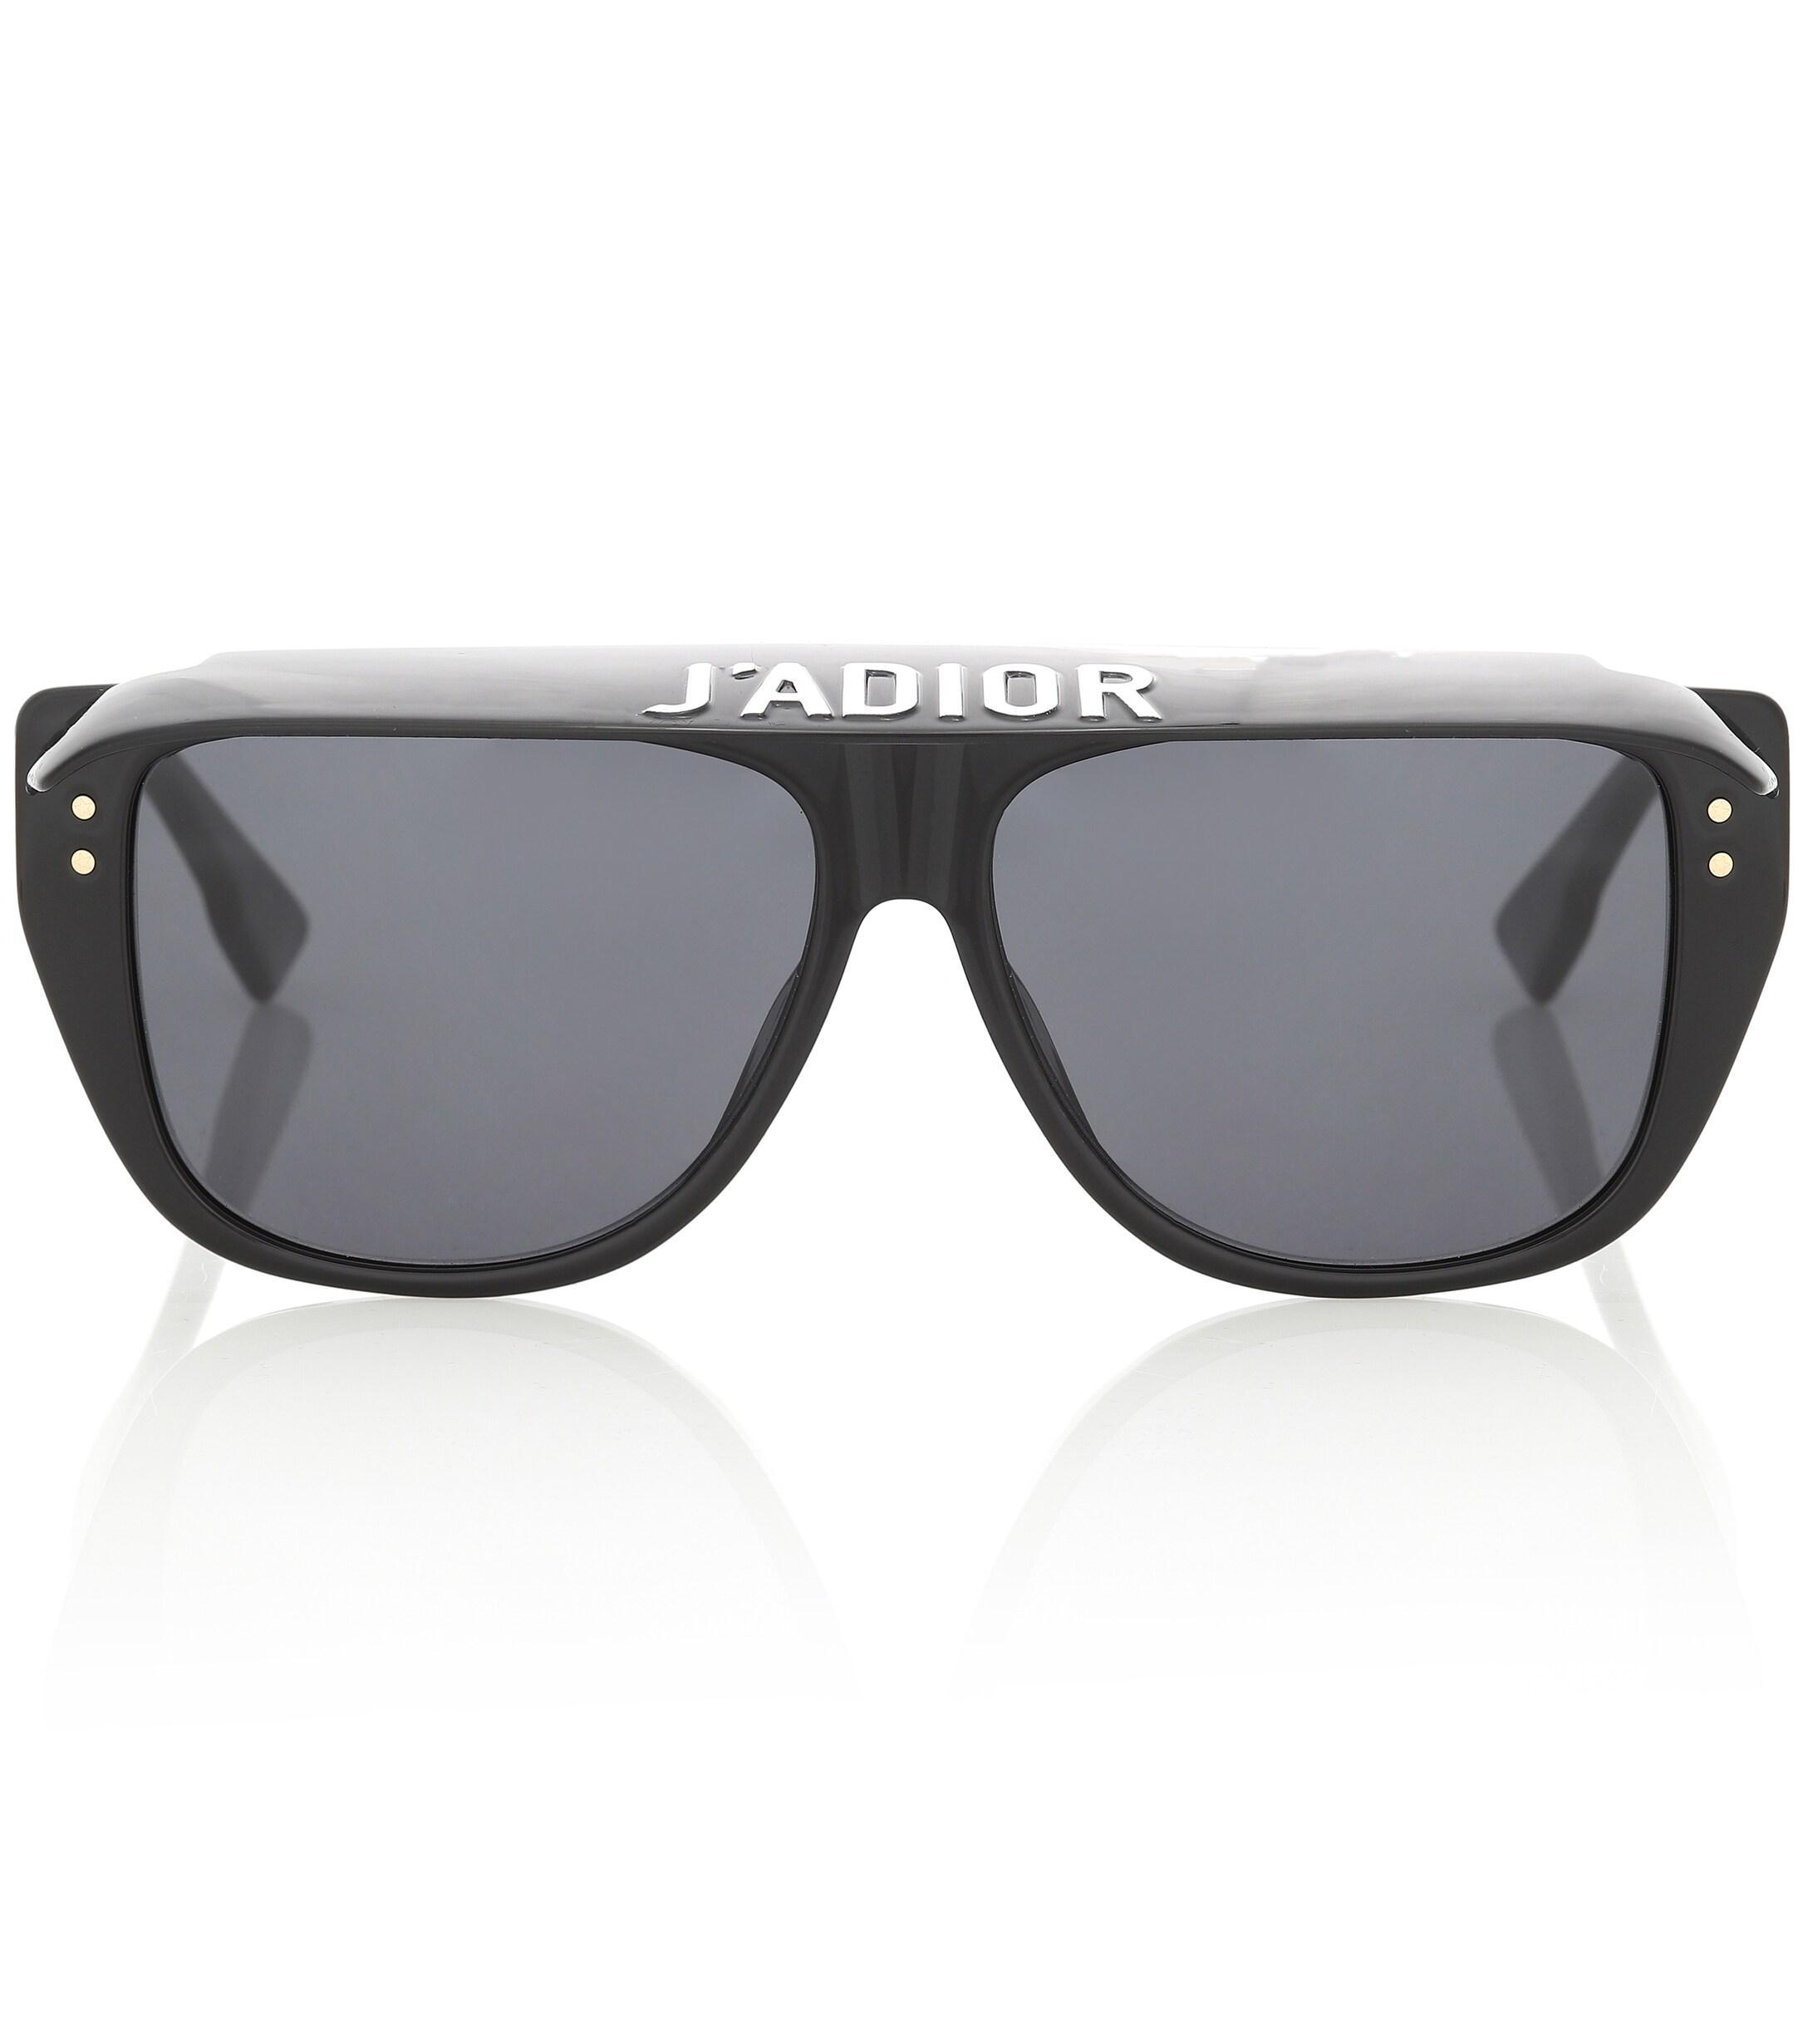 03d9b08338 Dior Diorclub2 Sunglasses in Black - Lyst